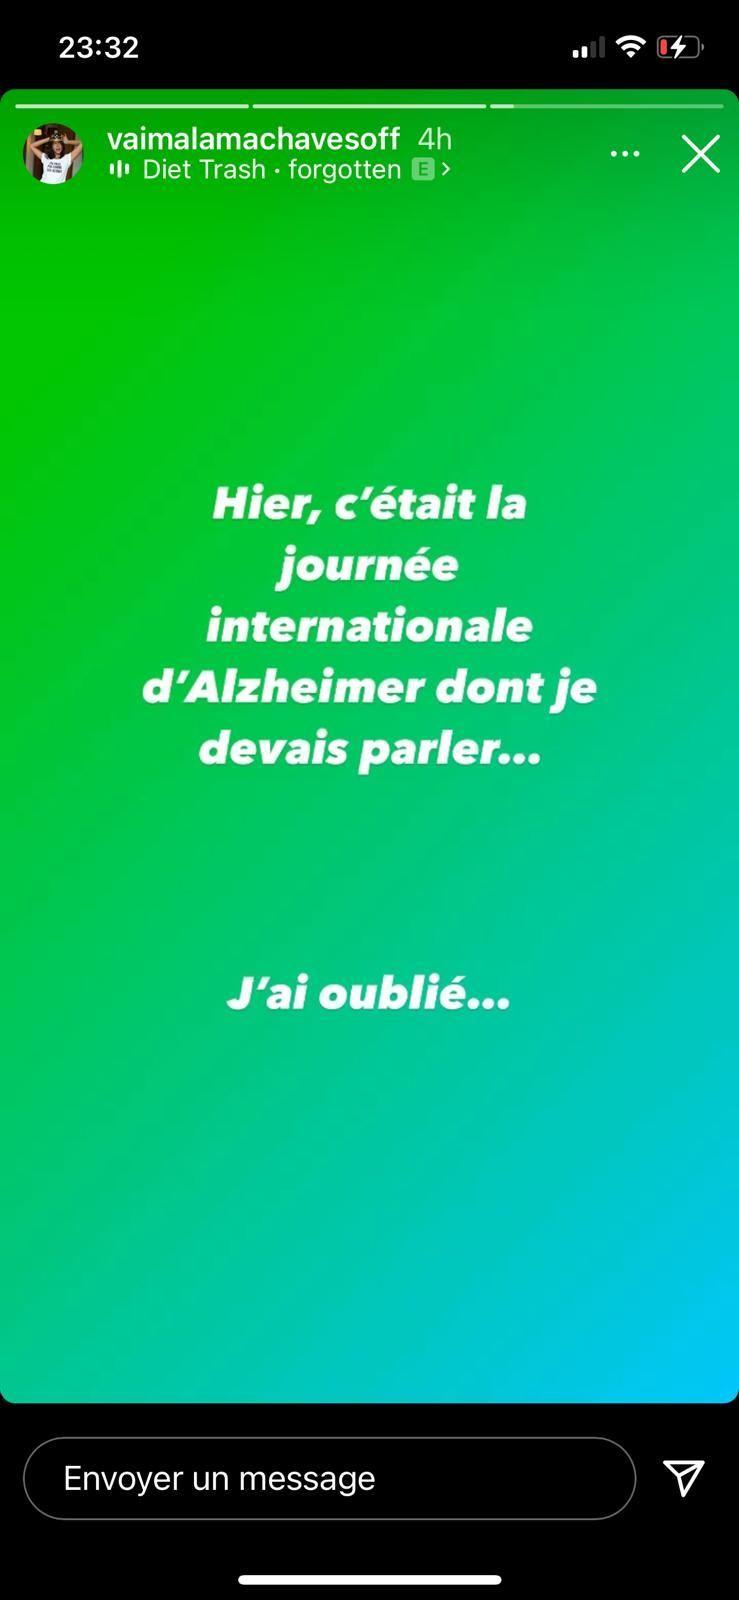 La blague de Vaimalama Chaves sur la maladie d'Alzheimer